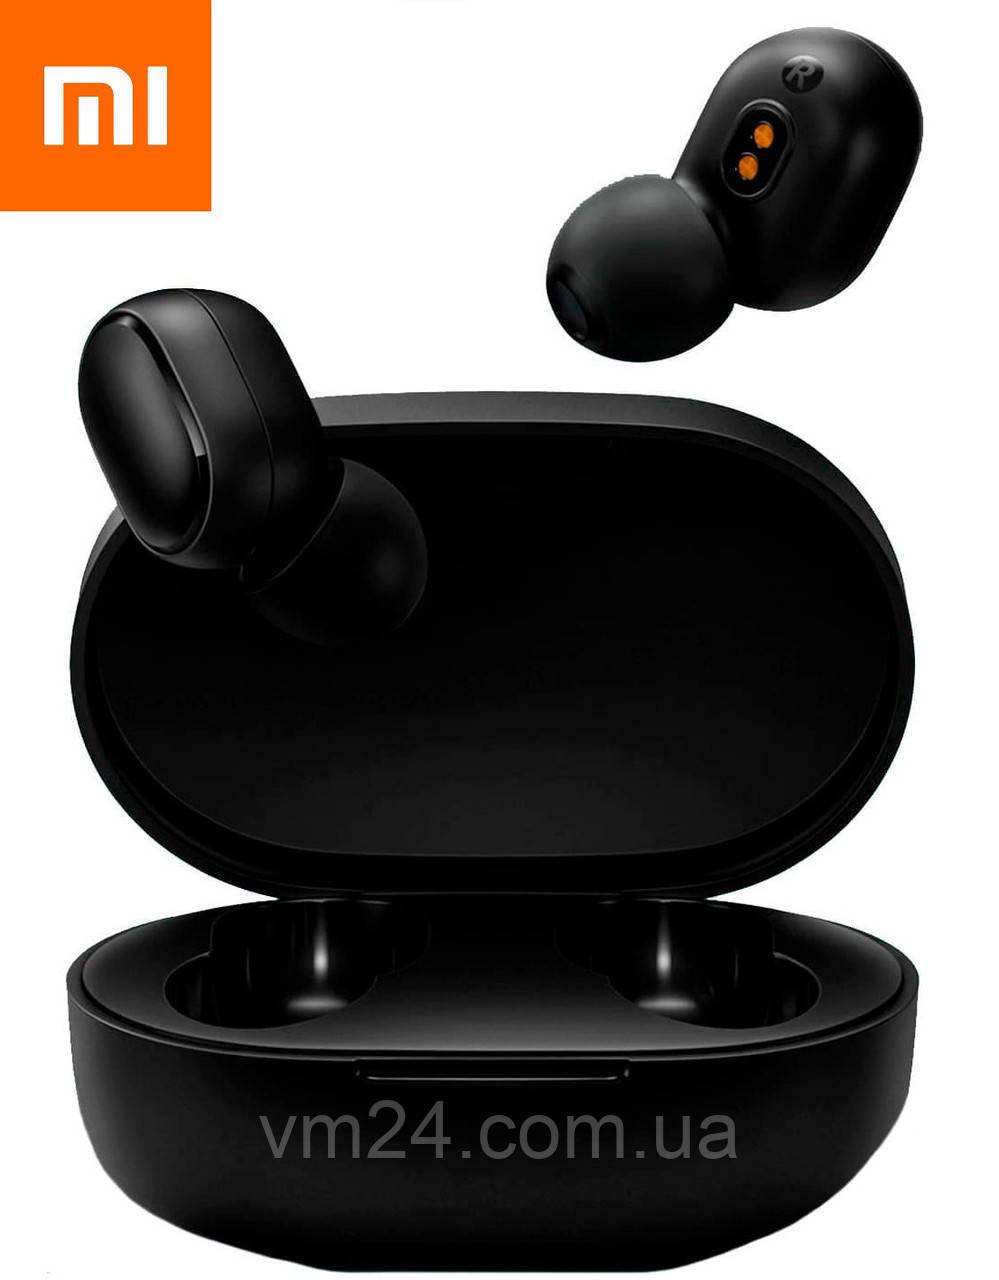 Беспроводные наушники Xiaomi Redmi Airdots S (Black) TWSEJ05LS )черные международная верси